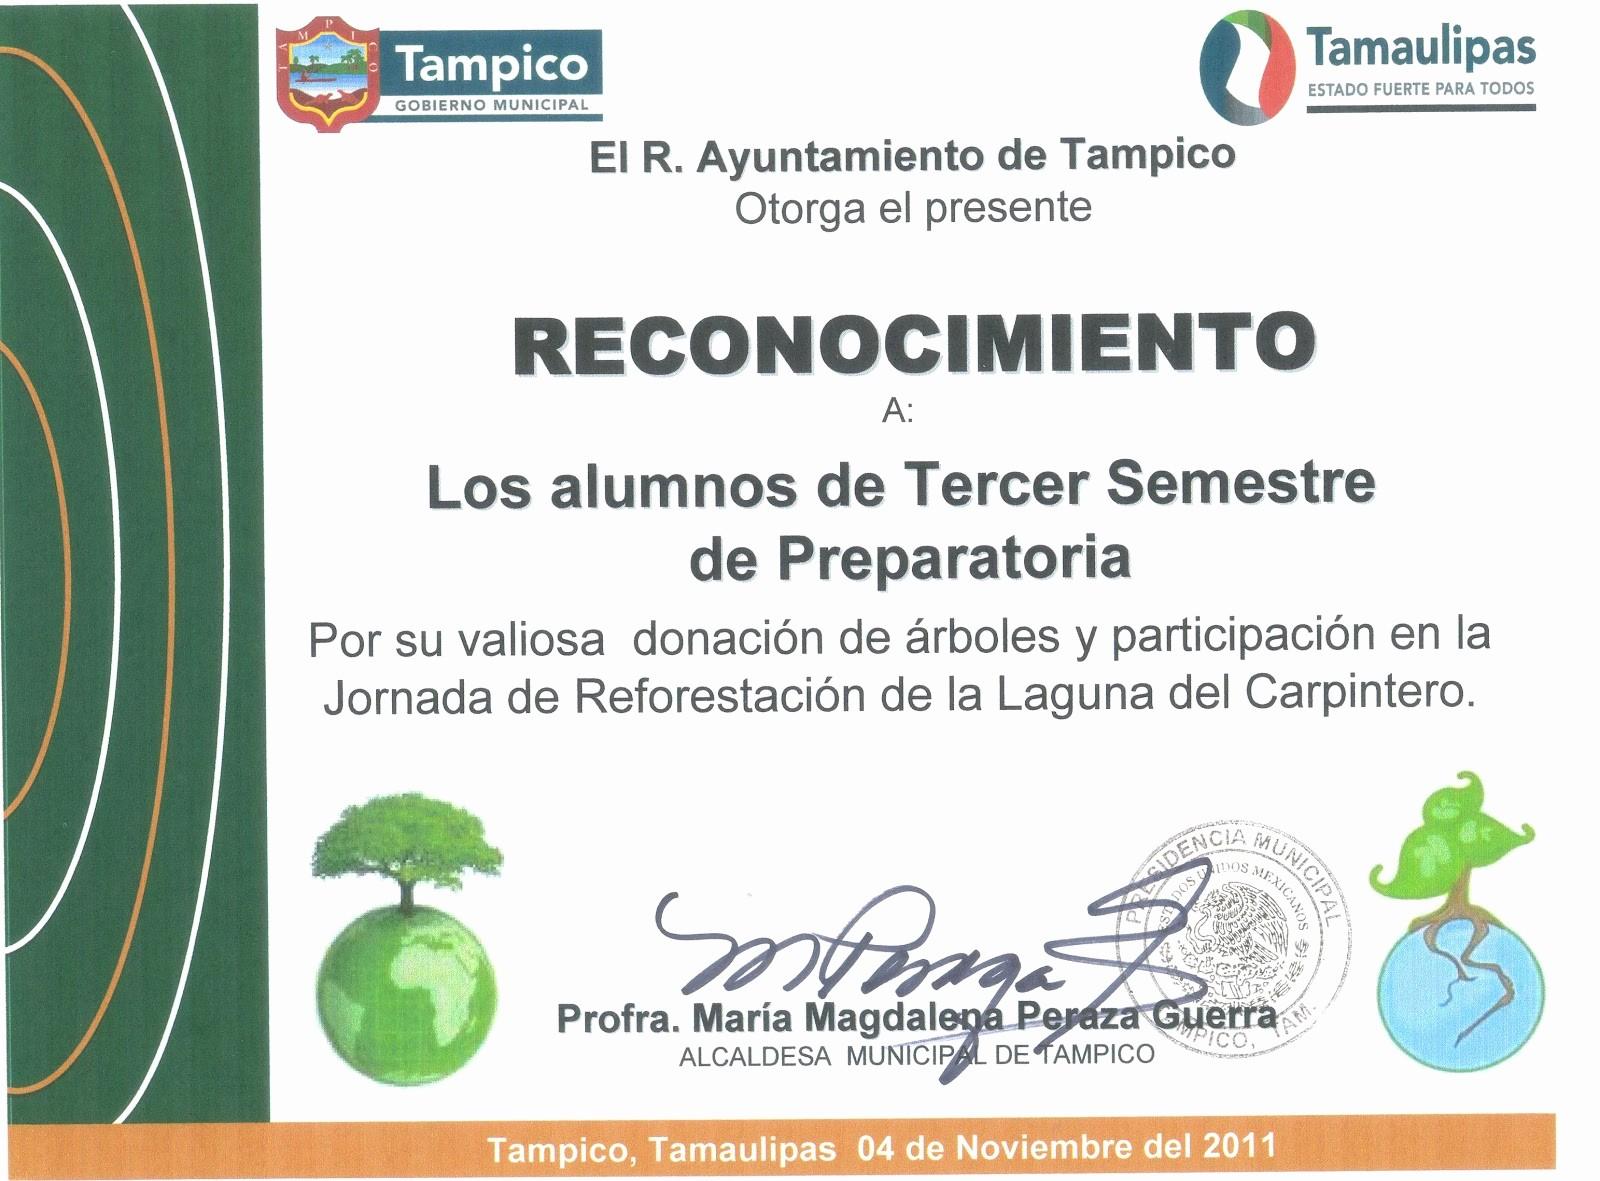 Ejemplos De Certificados De Reconocimiento New Ejemplo De Certificado De Reconocimiento Para Iglesia